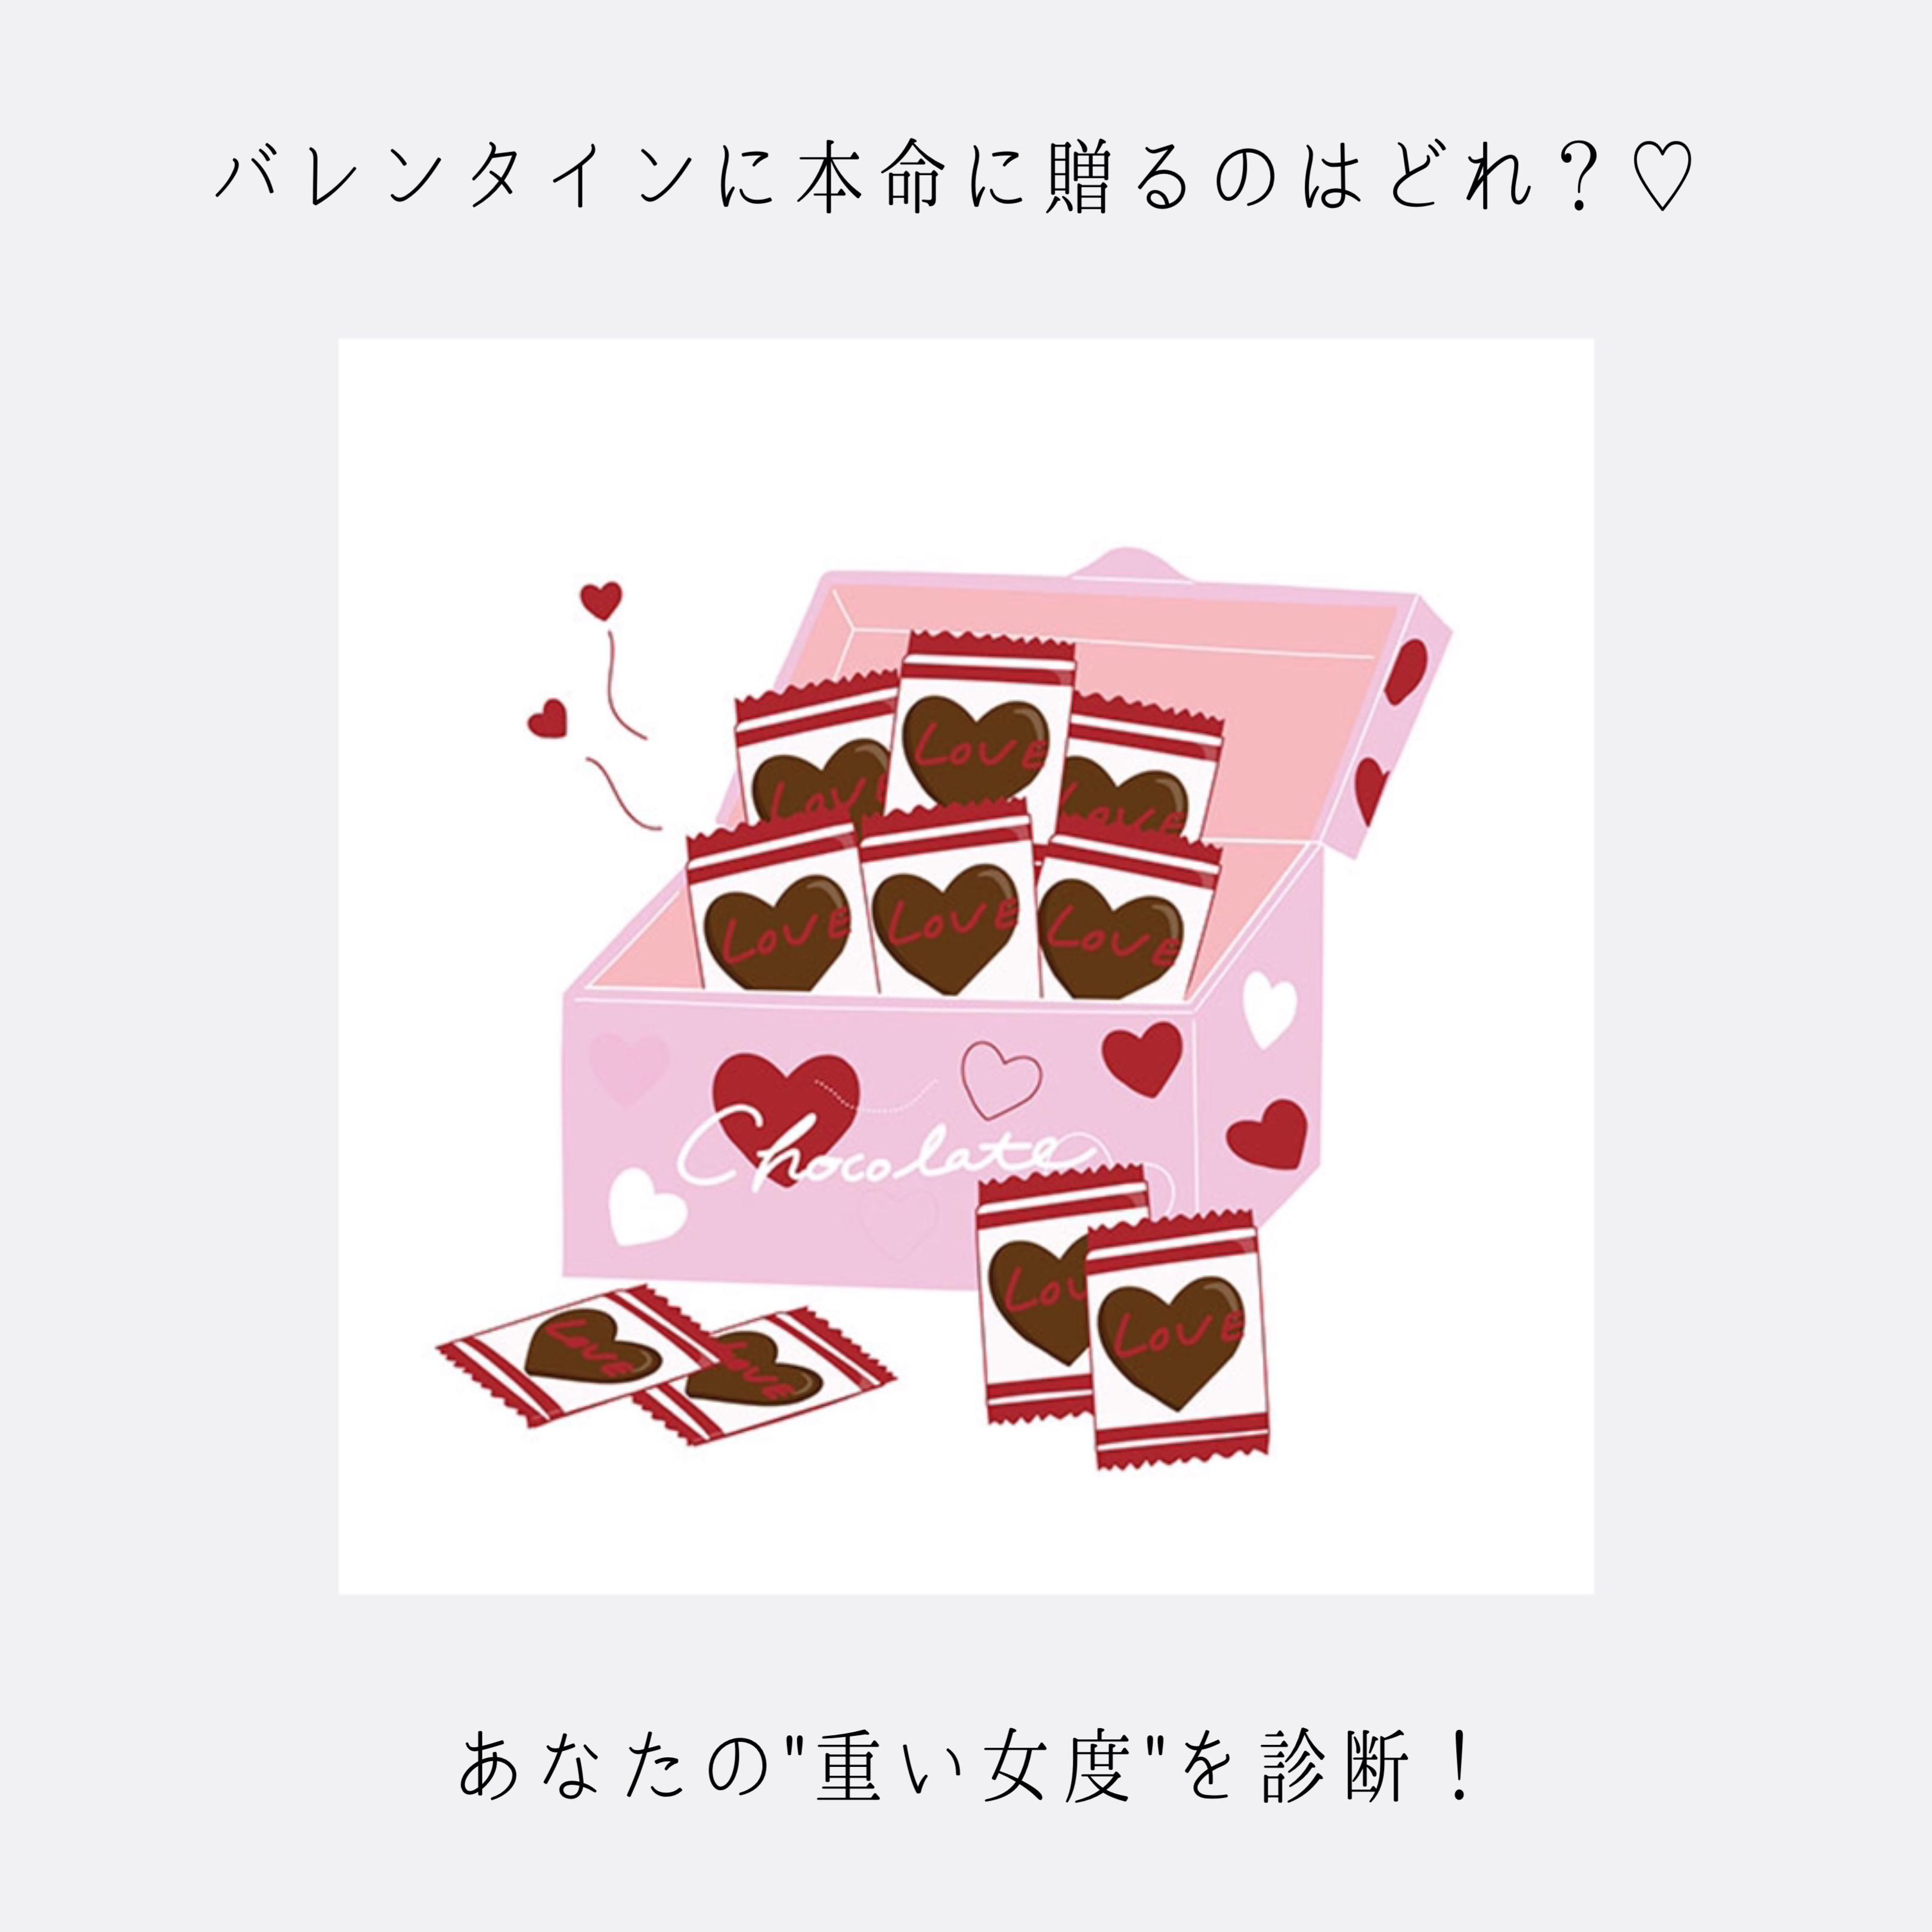 """【心理テスト】""""めんどくさい女""""になってない?バレンタインにあげるチョコであなたの重い女度を診断します!"""